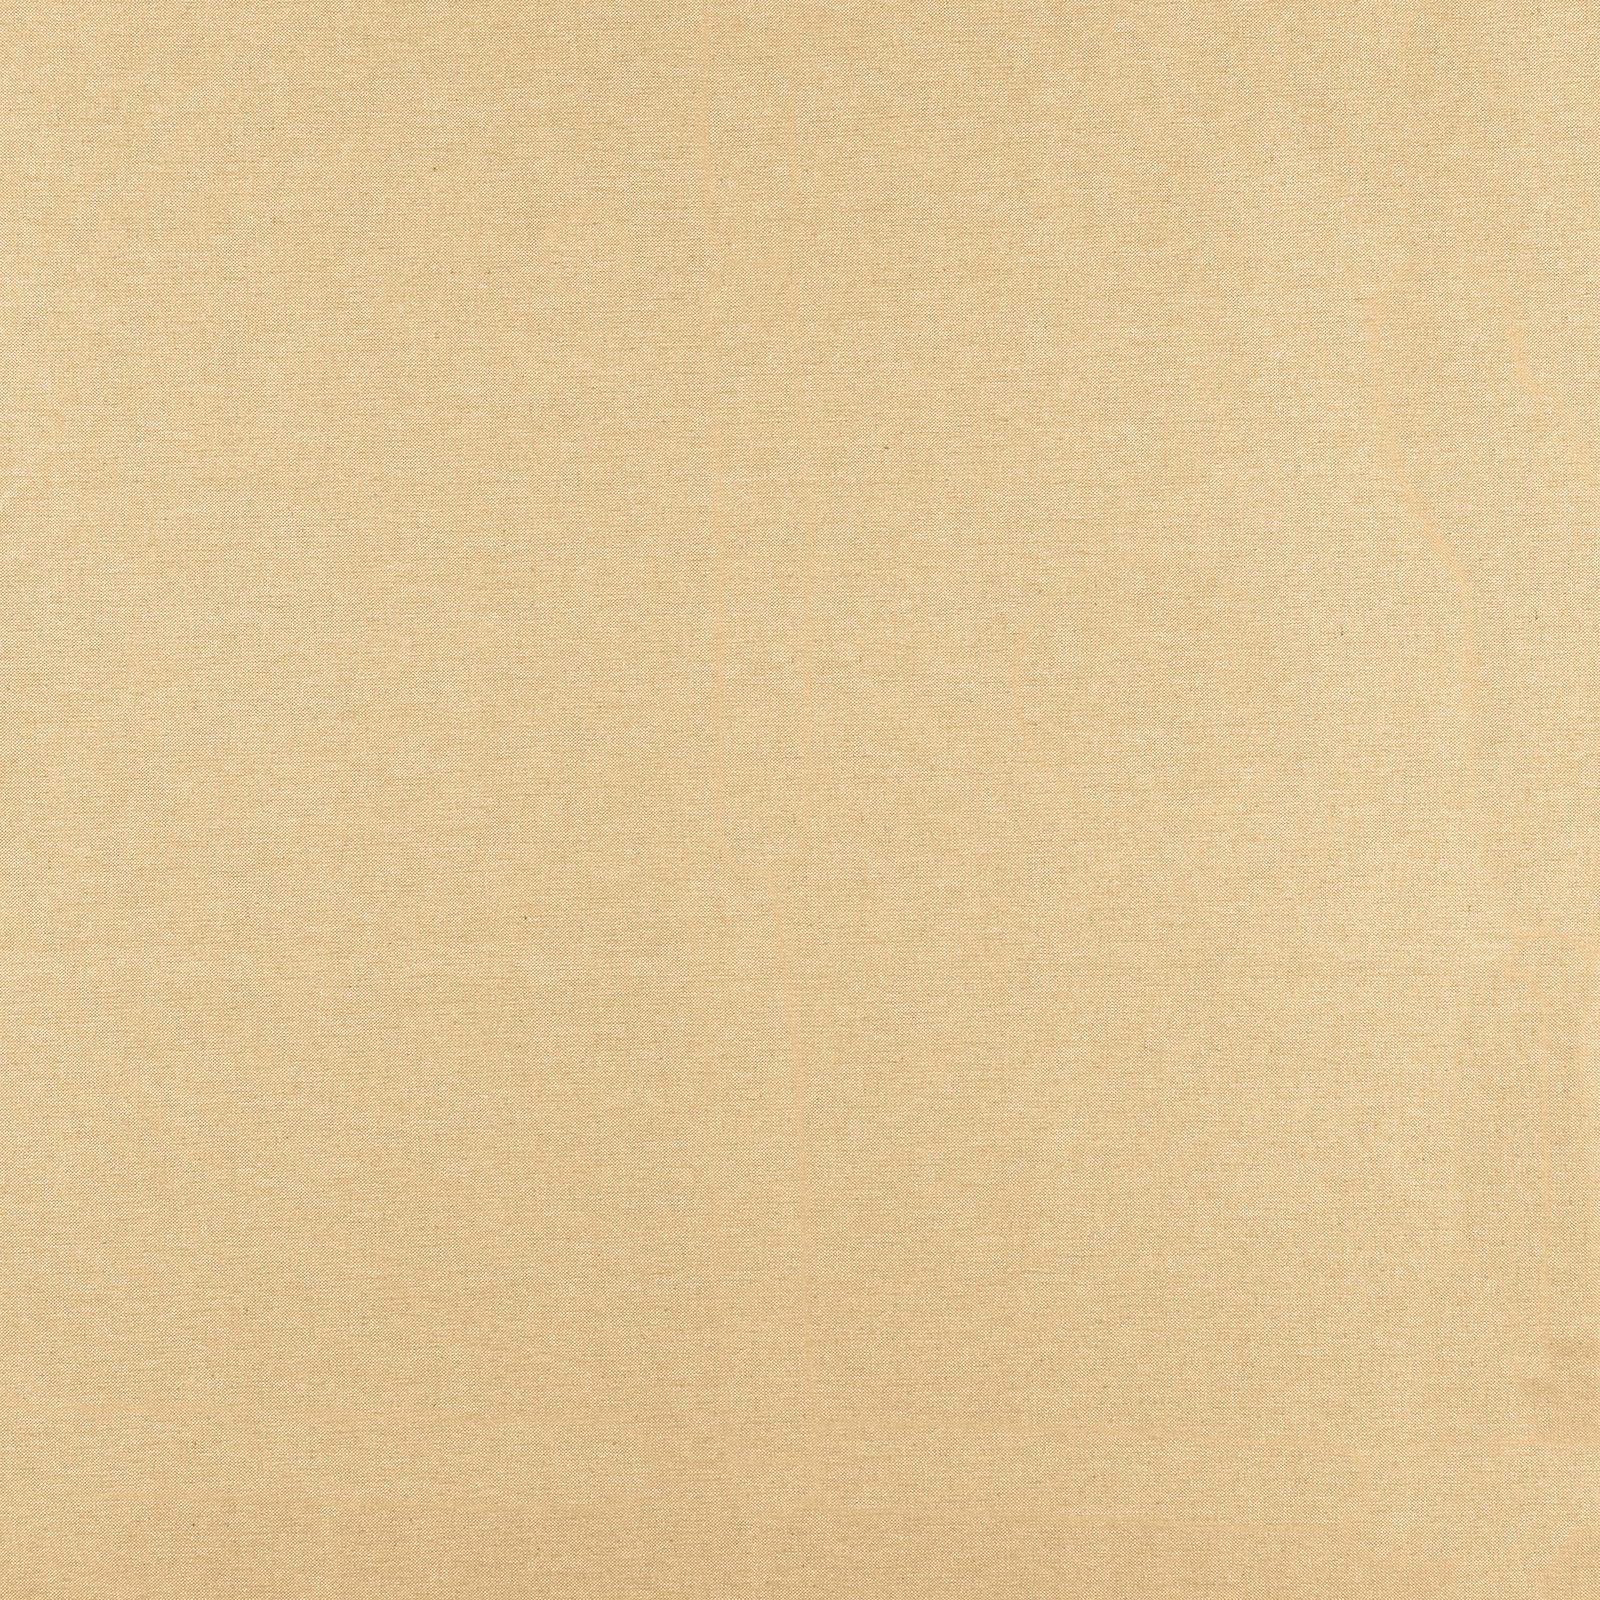 Woven oilcloth linen look/light caramel 872304_pack_solid